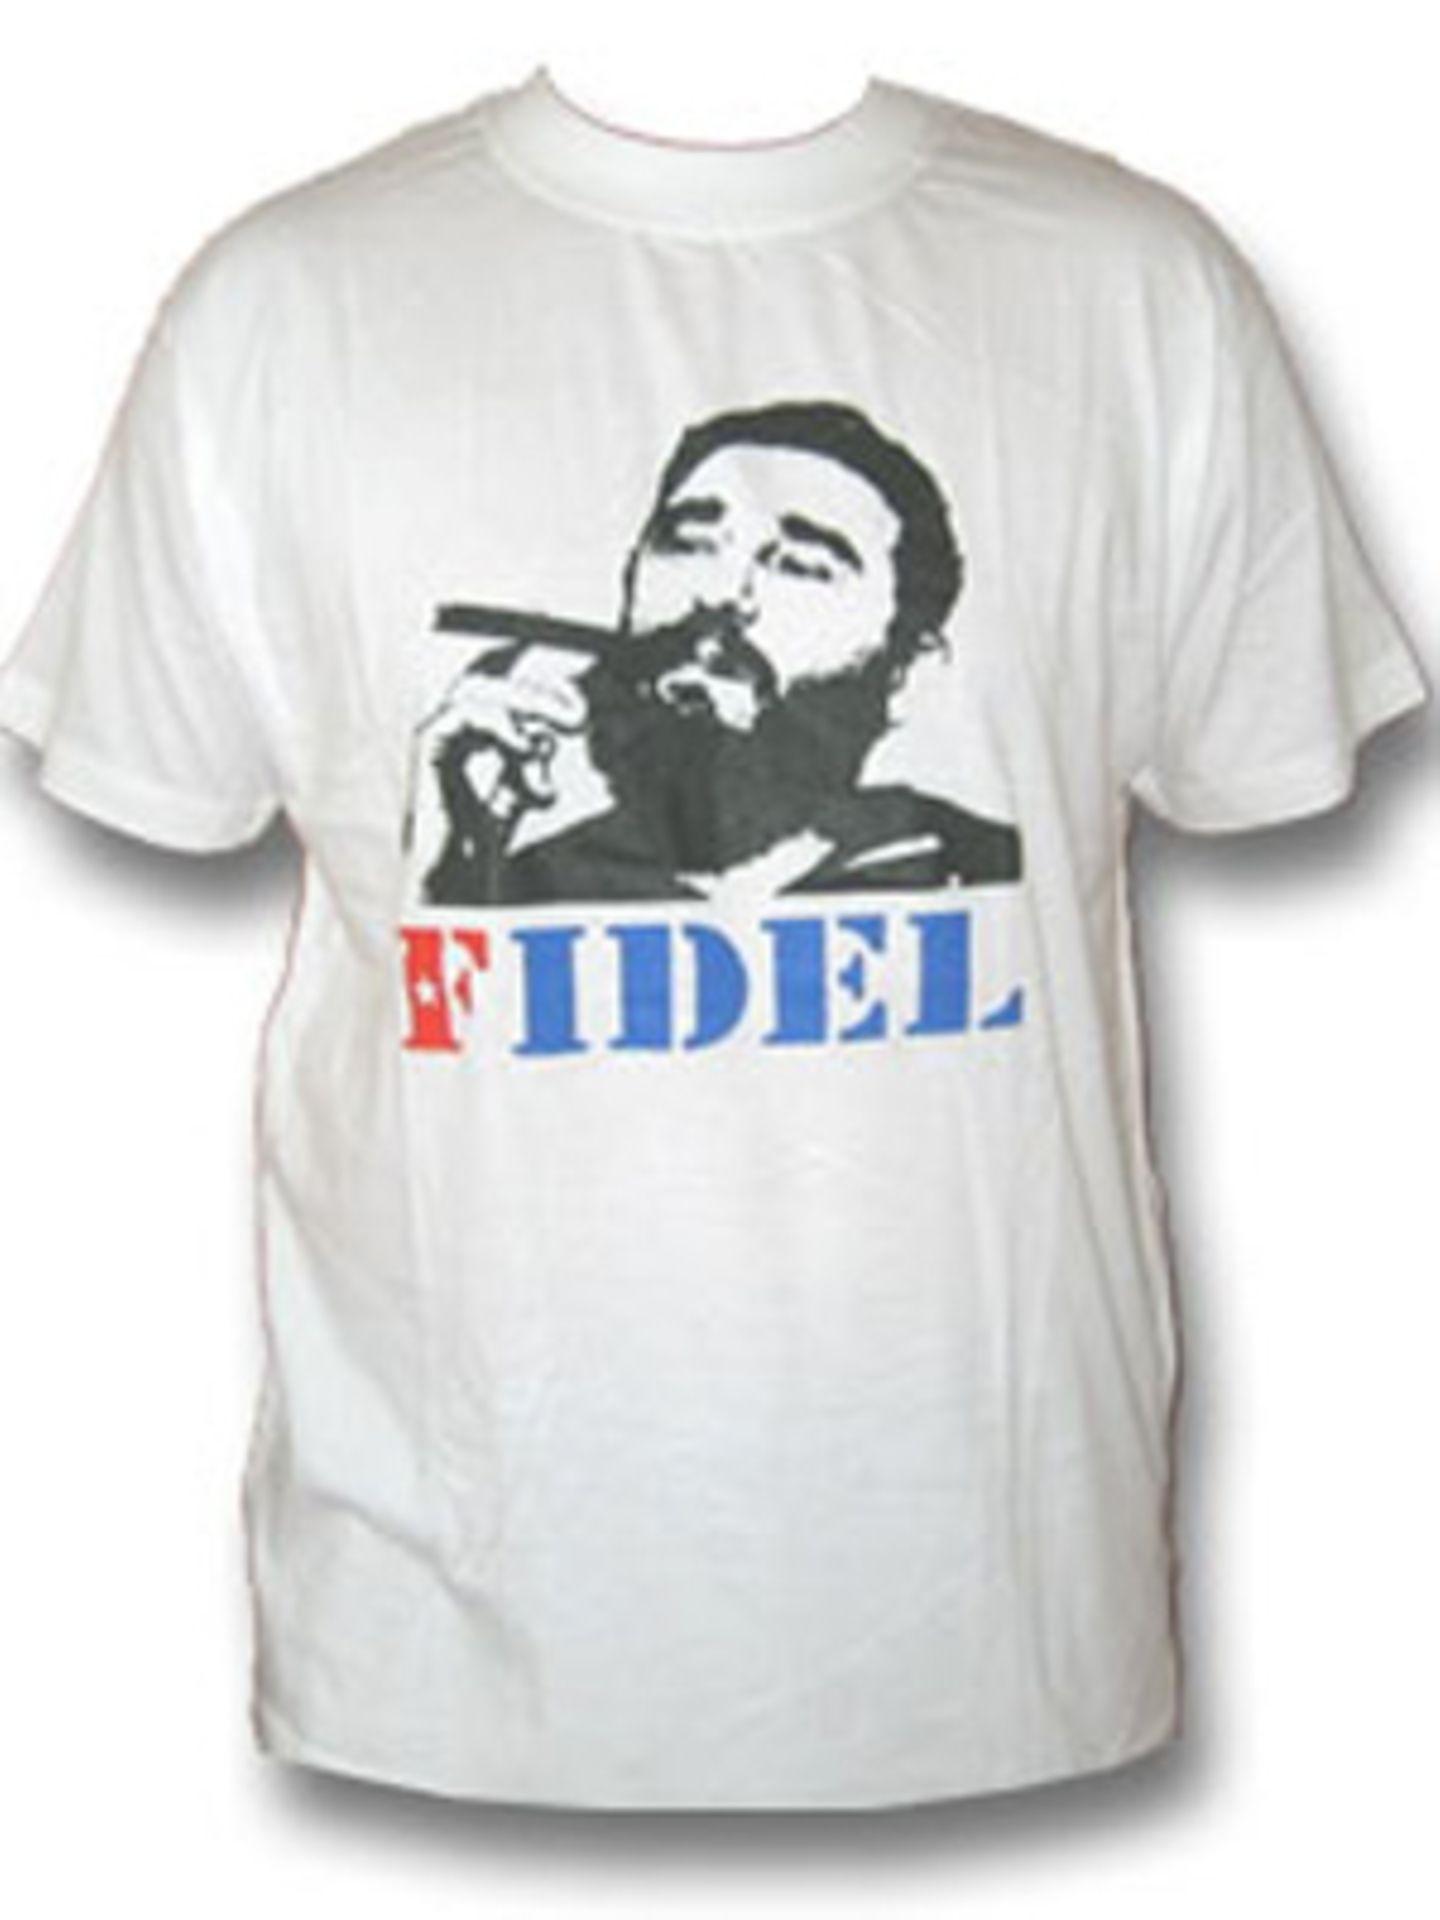 Fidel Castros Porträt gibt's für ca. 15 Euro unter www.shirt66.de auf euer Shirt!